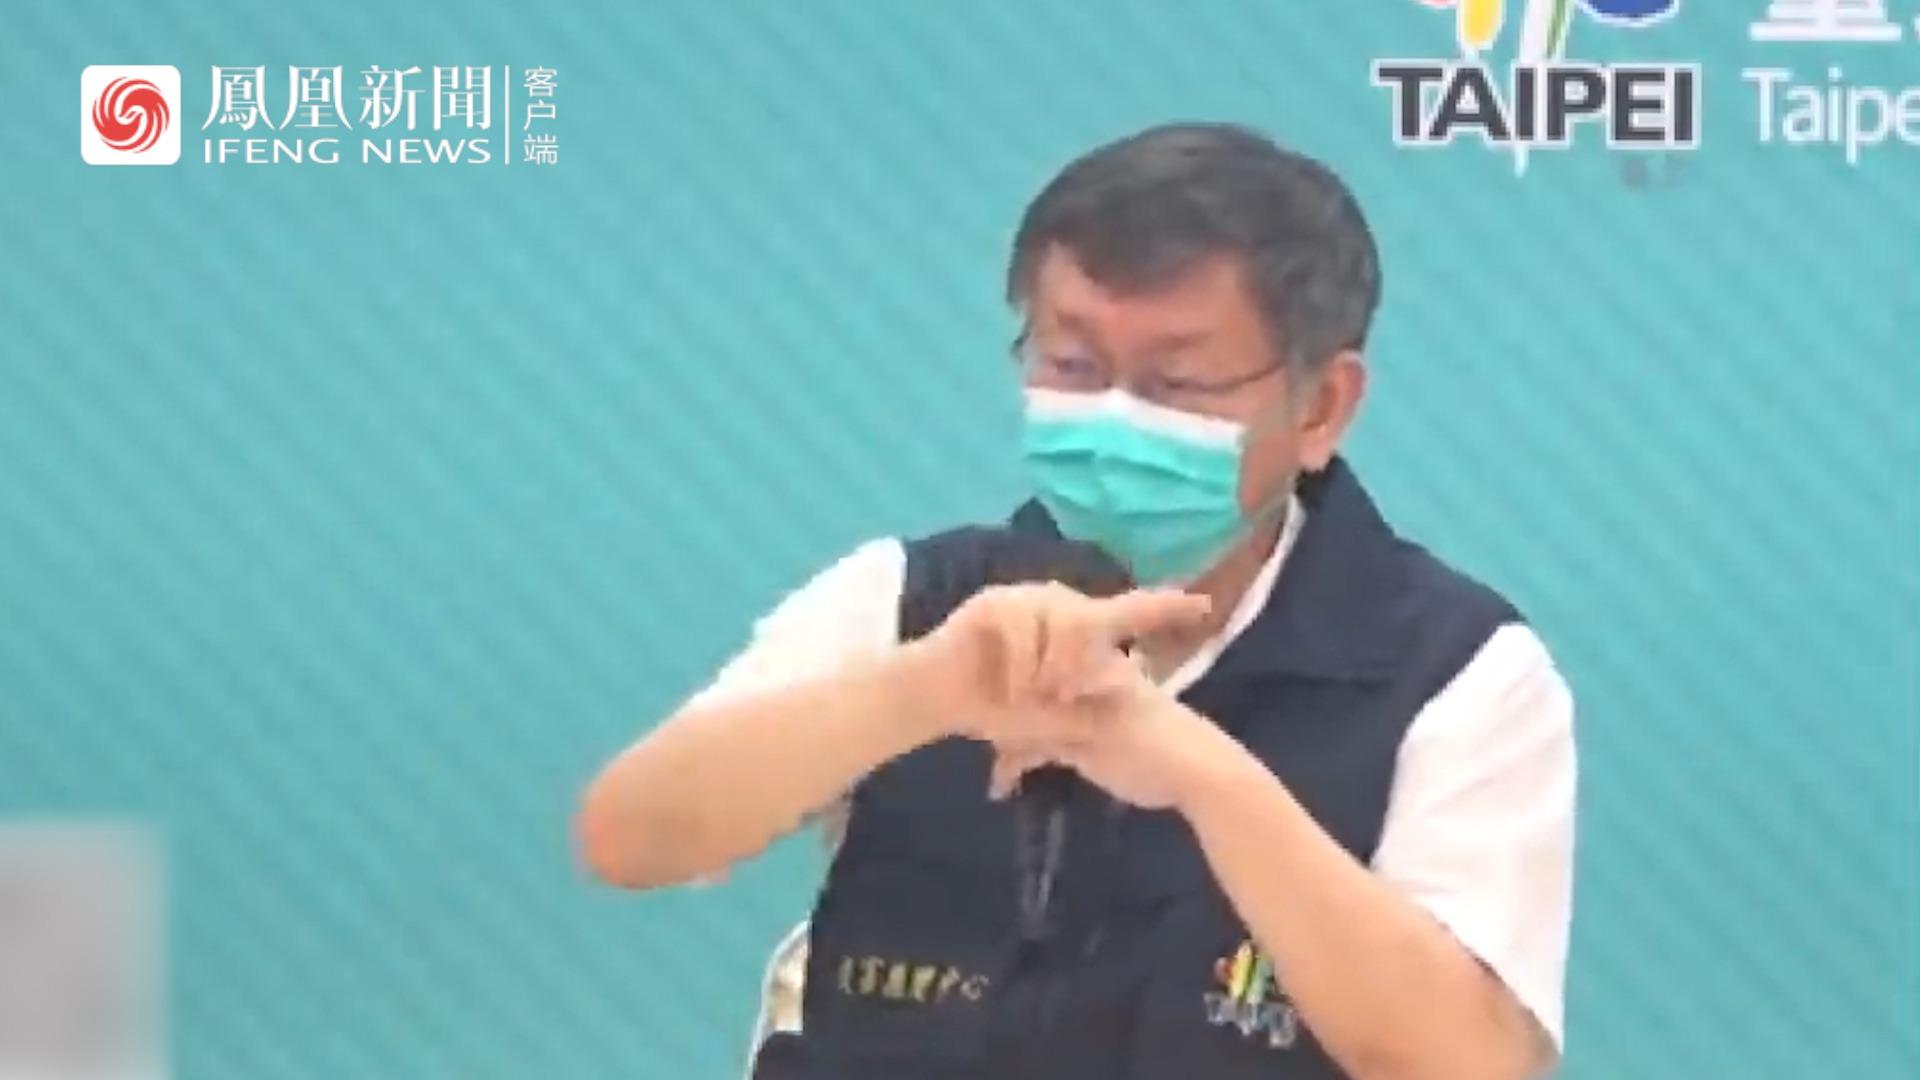 被问疫苗可混打?柯文哲:台湾只有阿斯利康,不用烦恼这问题